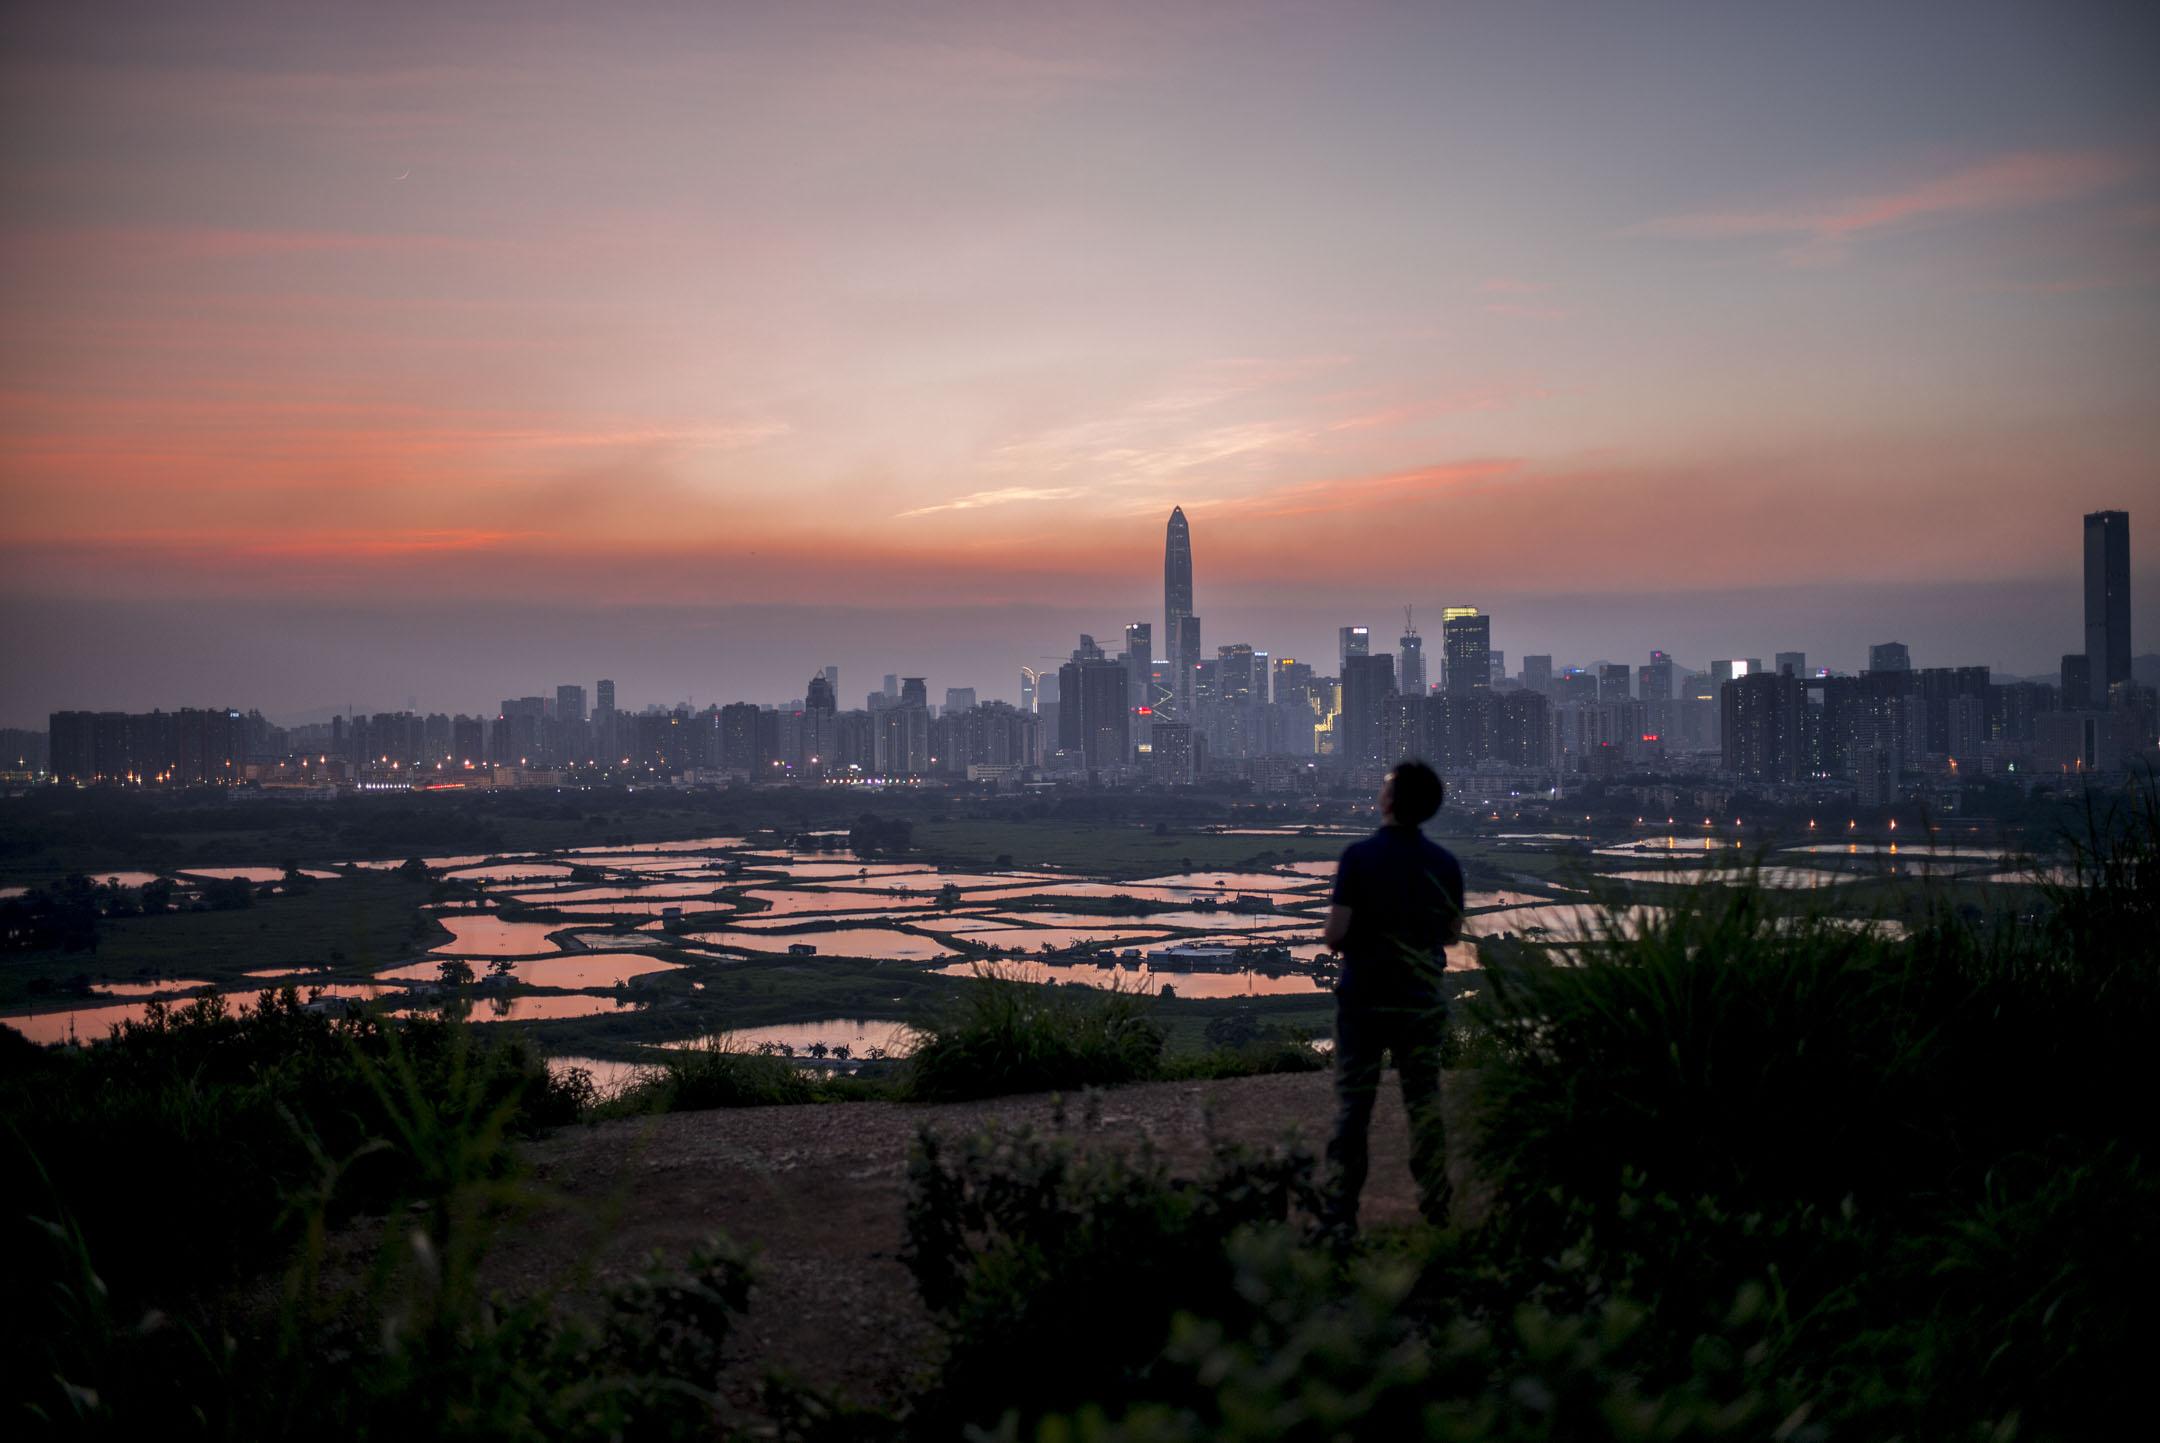 究竟有哪些香港青年落入中國政府的監視網,哪些情況下會被拒入境甚至扣留拷問?外界無從得知。圖為一名青年站在香港的山上,遙看中港邊界。 攝:林振東/端傳媒